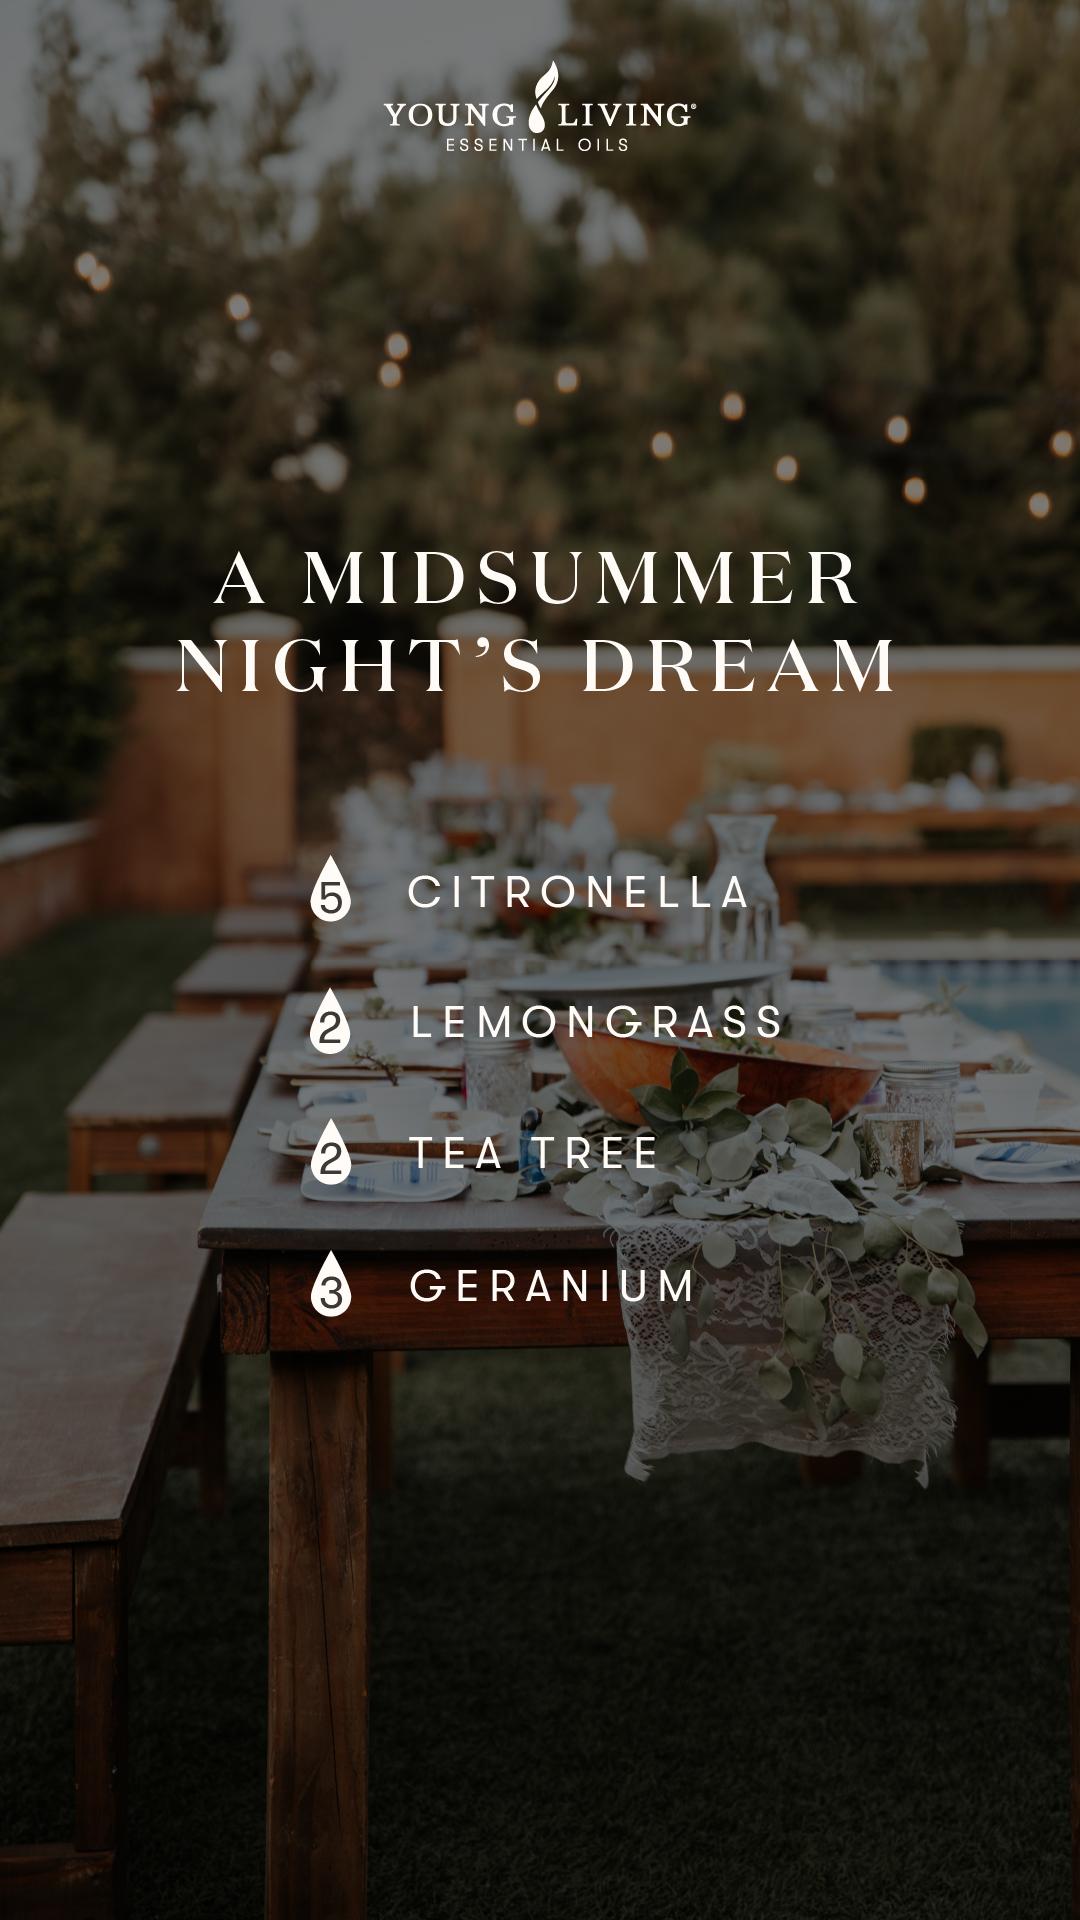 A midsummer night's dream diffuser blend